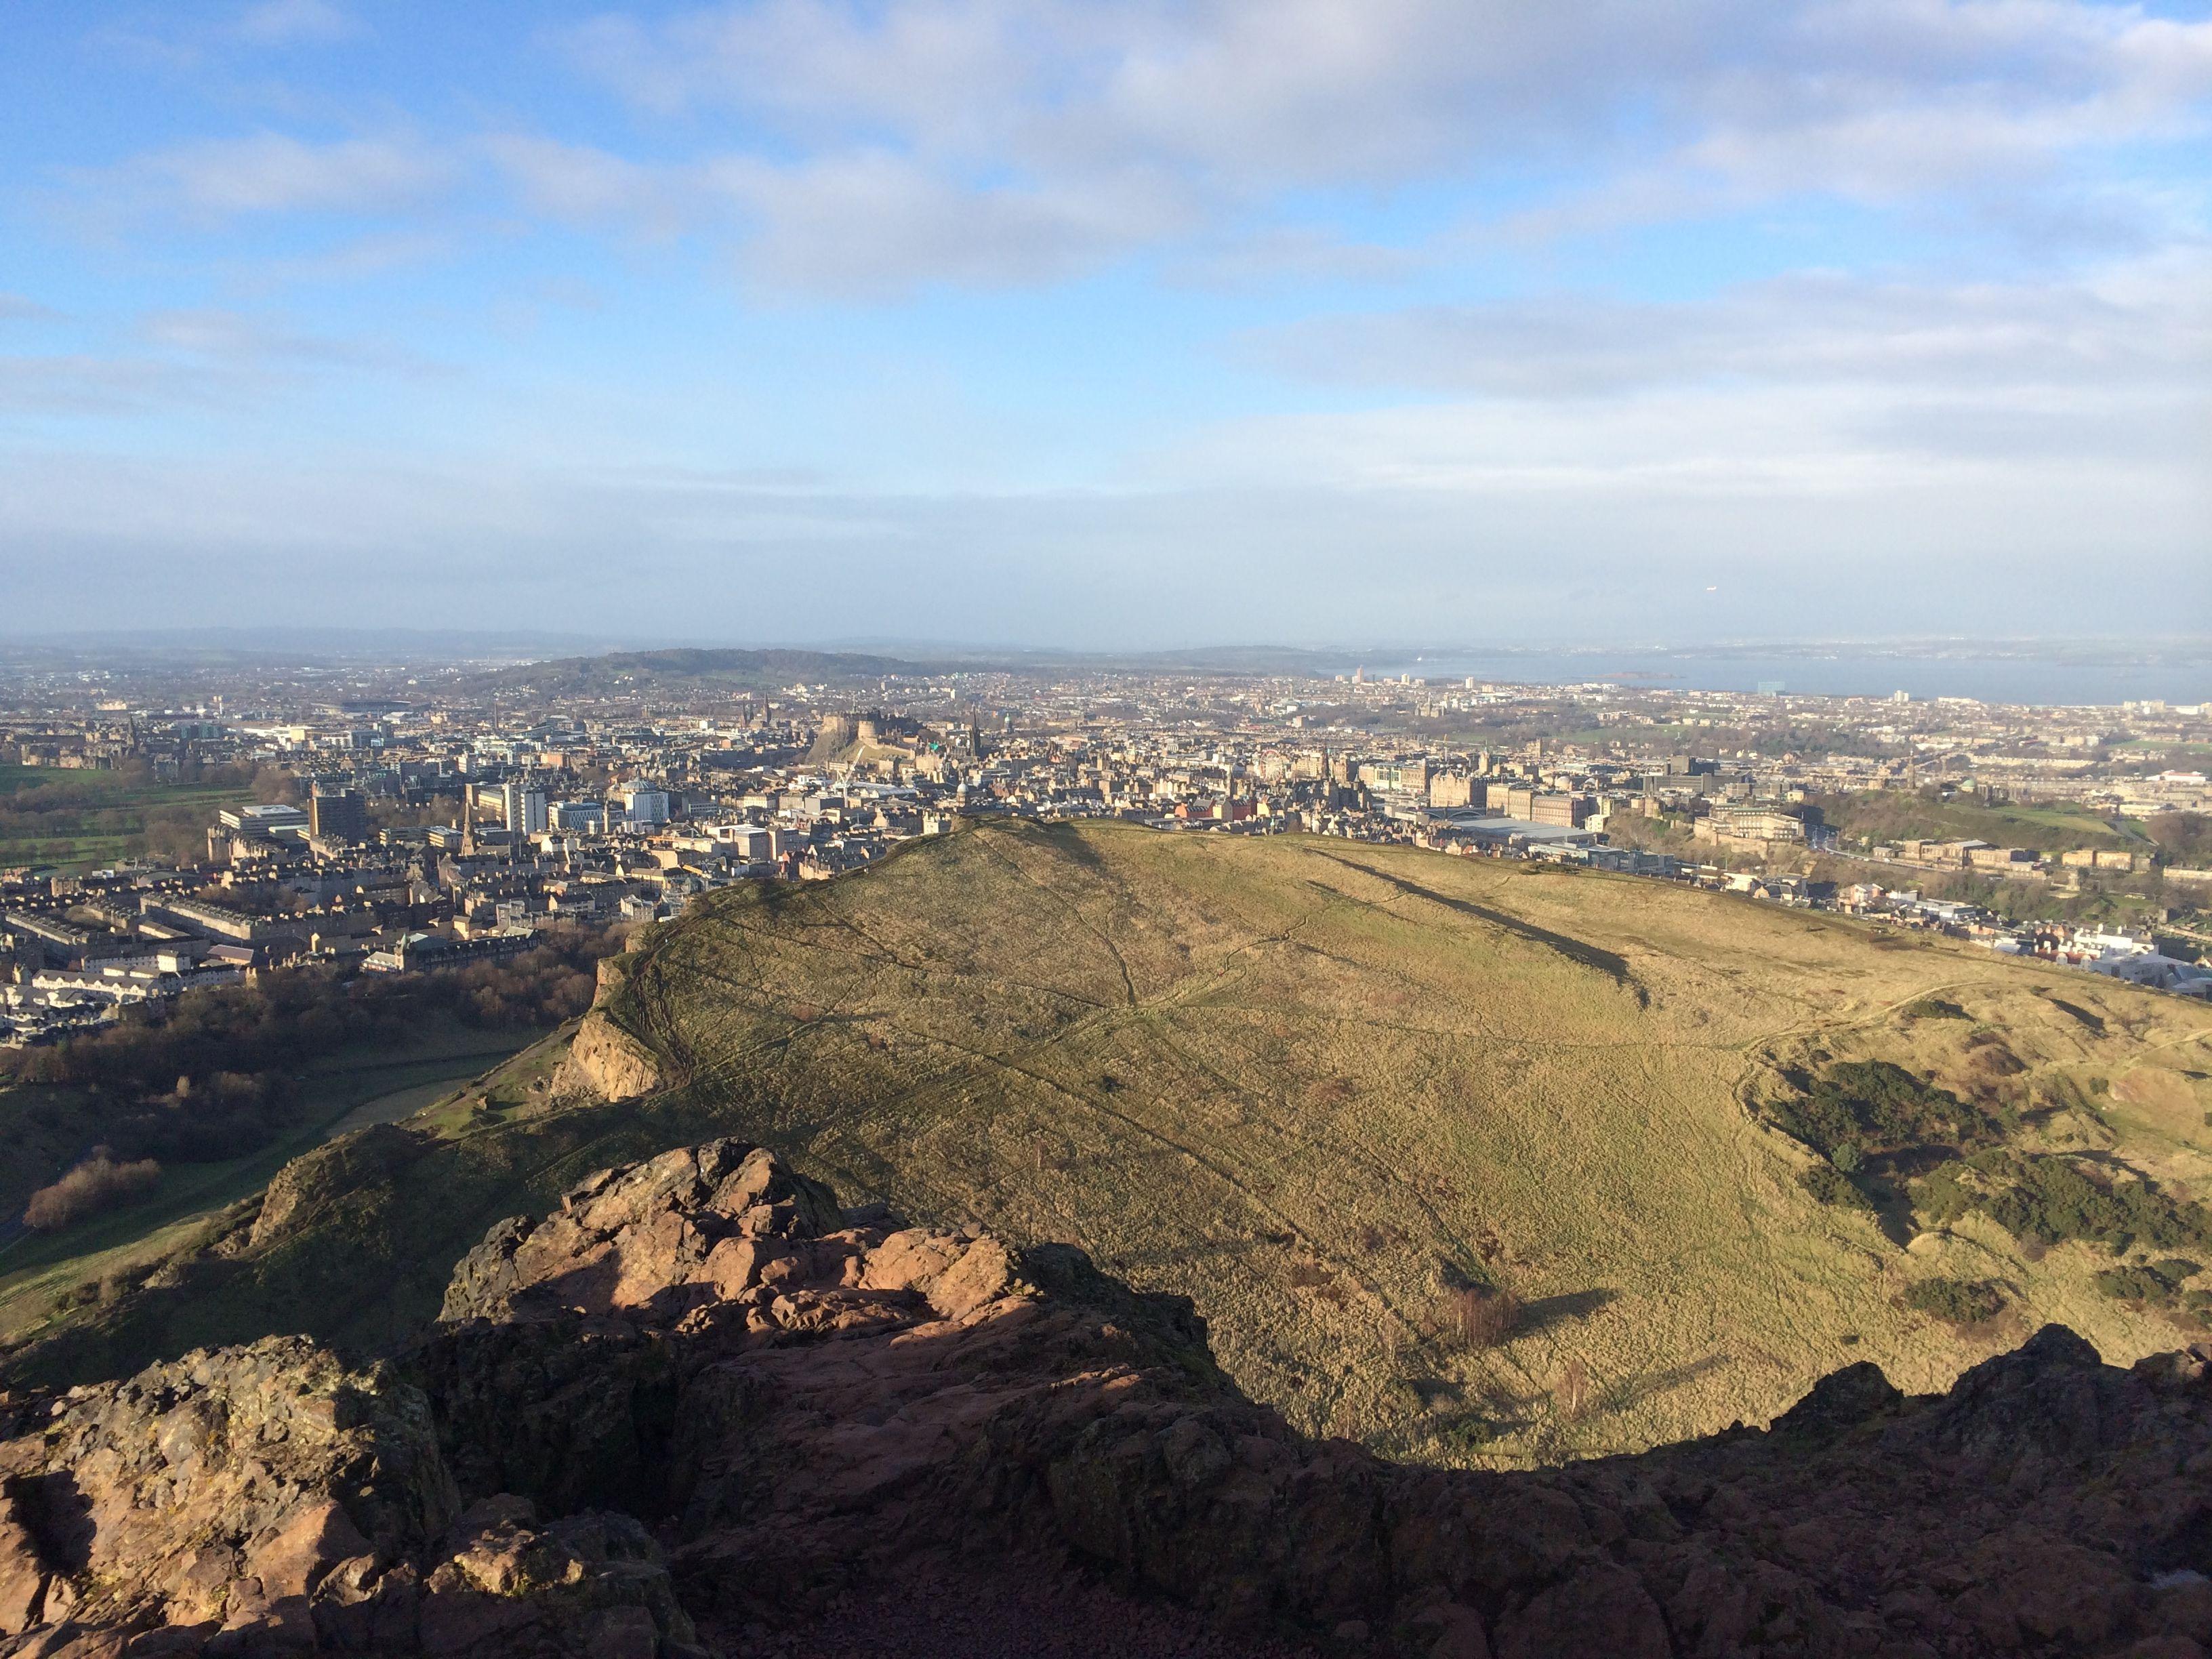 Vista de Edimburgo desde lo alto de Arthur's Seat. (Haga clic en la foto para ampliarla)